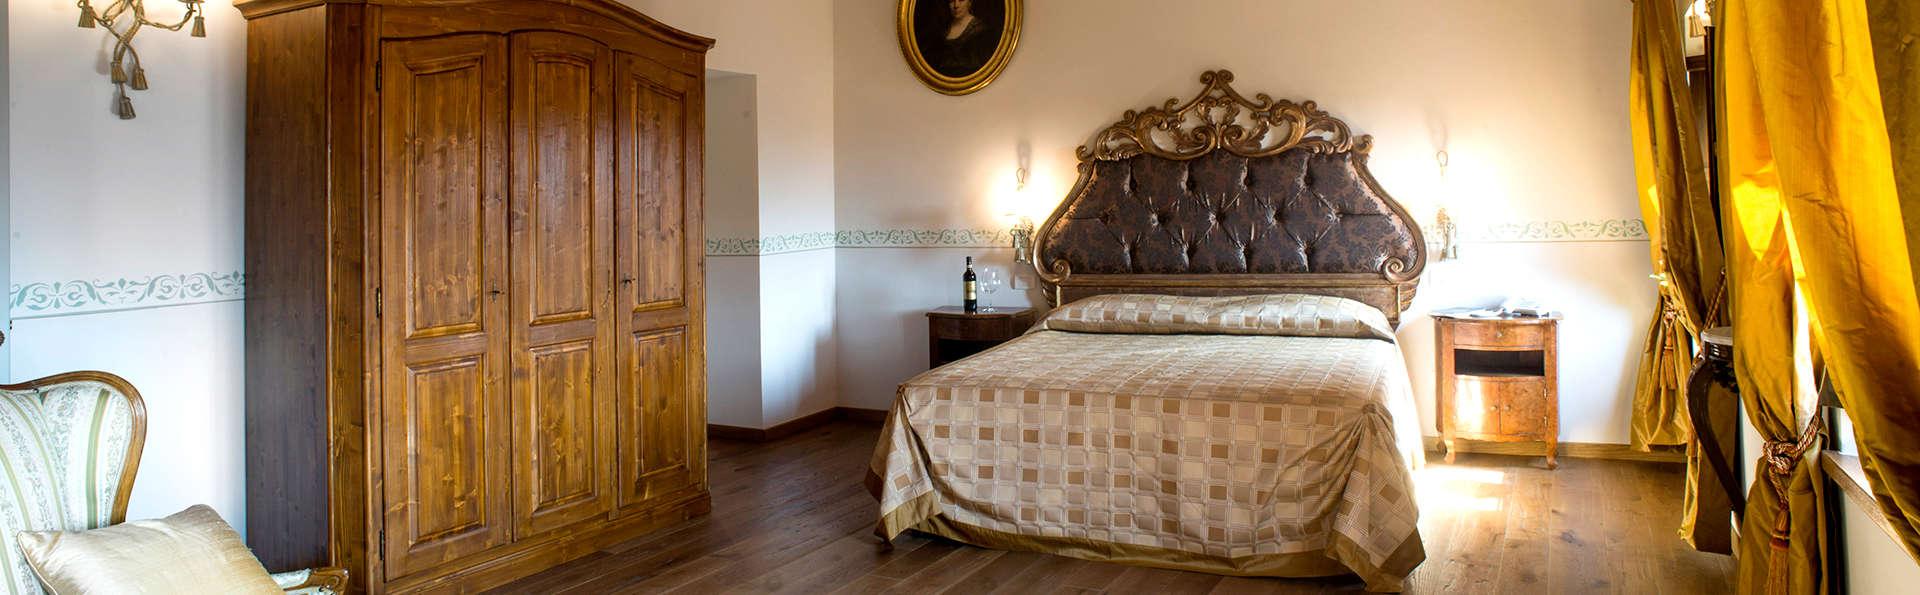 Spécial Black Weekend : Elégance et charme en une chambre Deluxe en Toscane